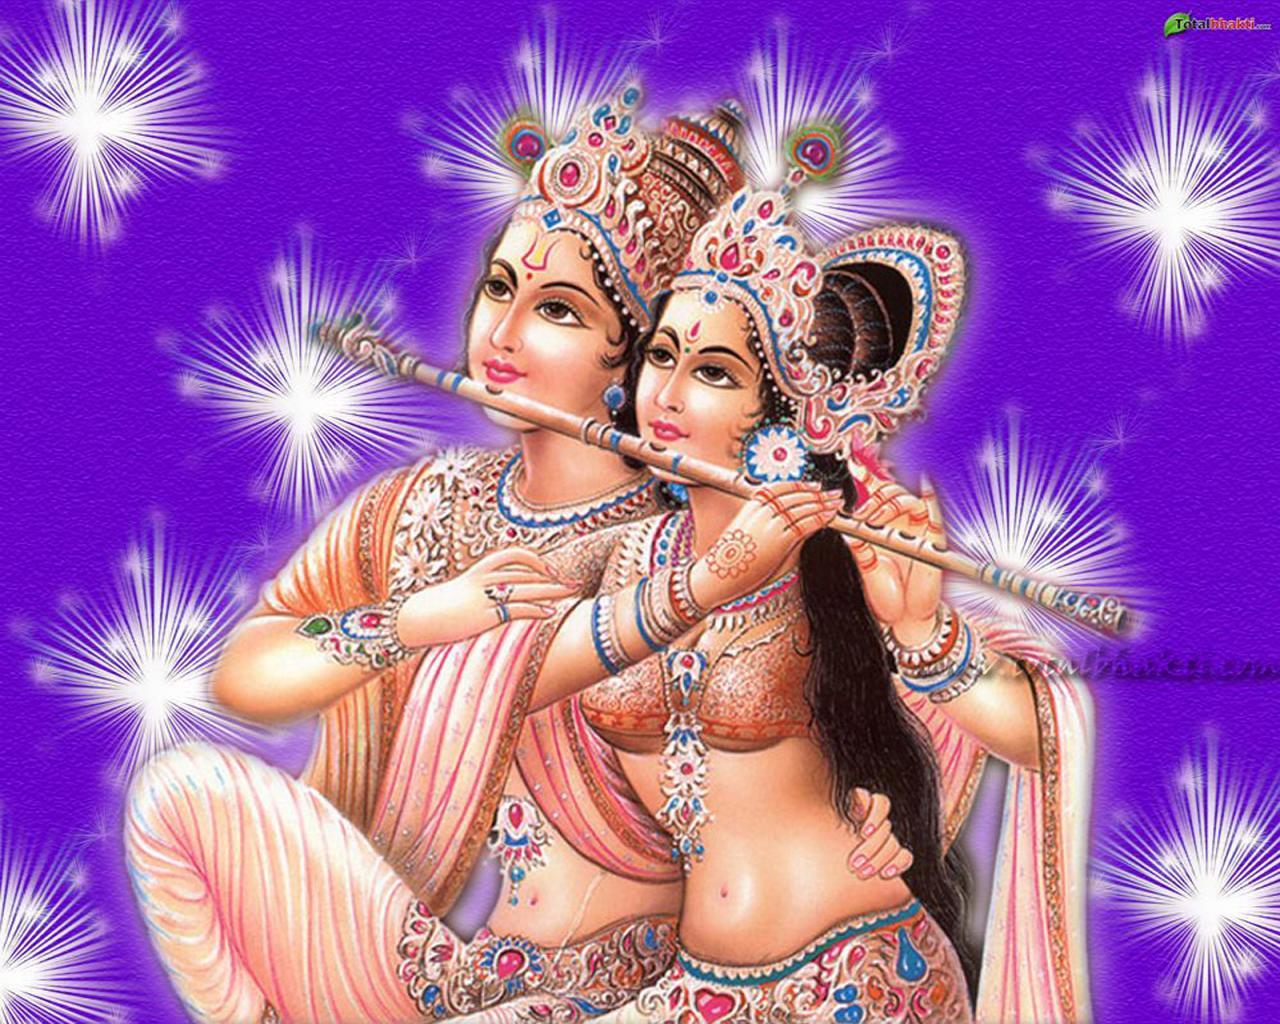 3d wallpaper of hindu god